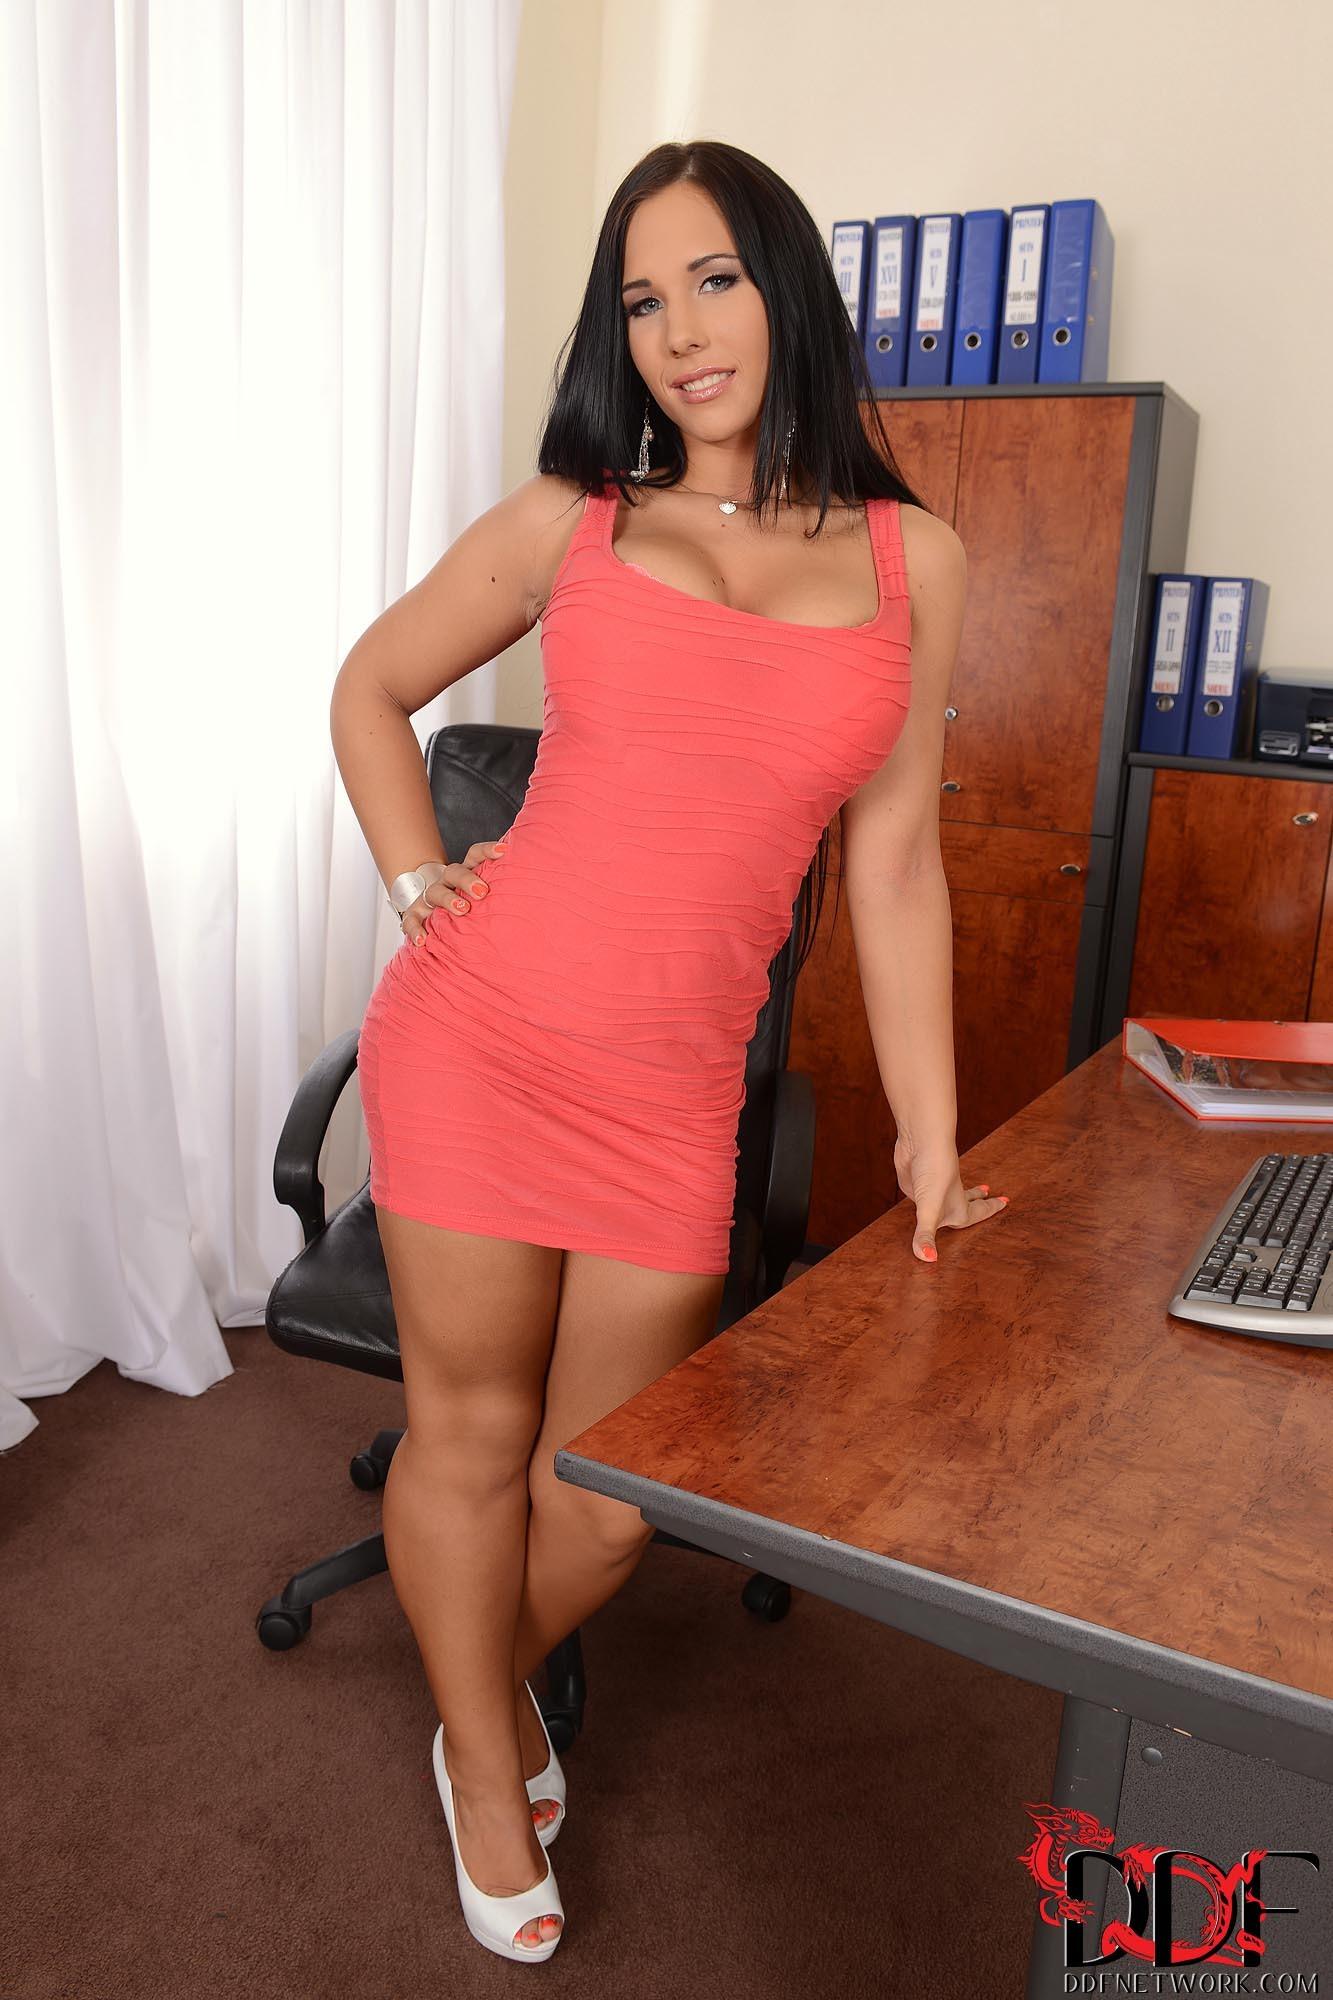 image Shione cooper sexy secretary